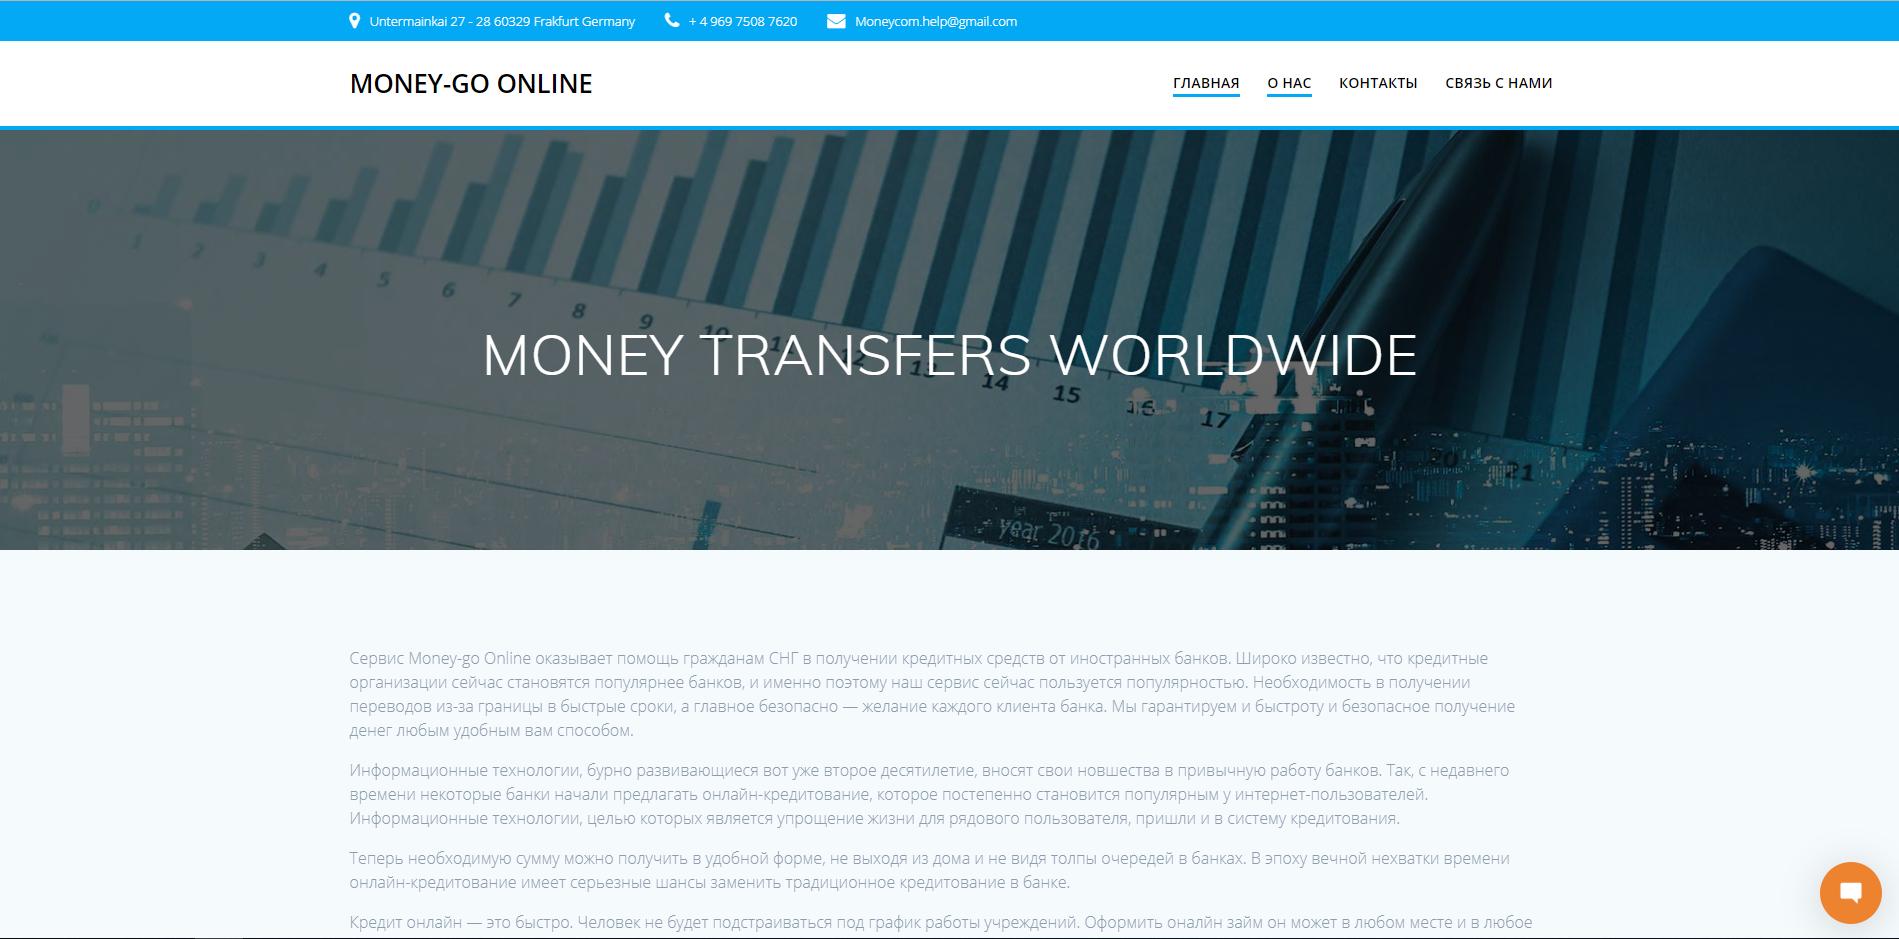 кредит онлайн моней